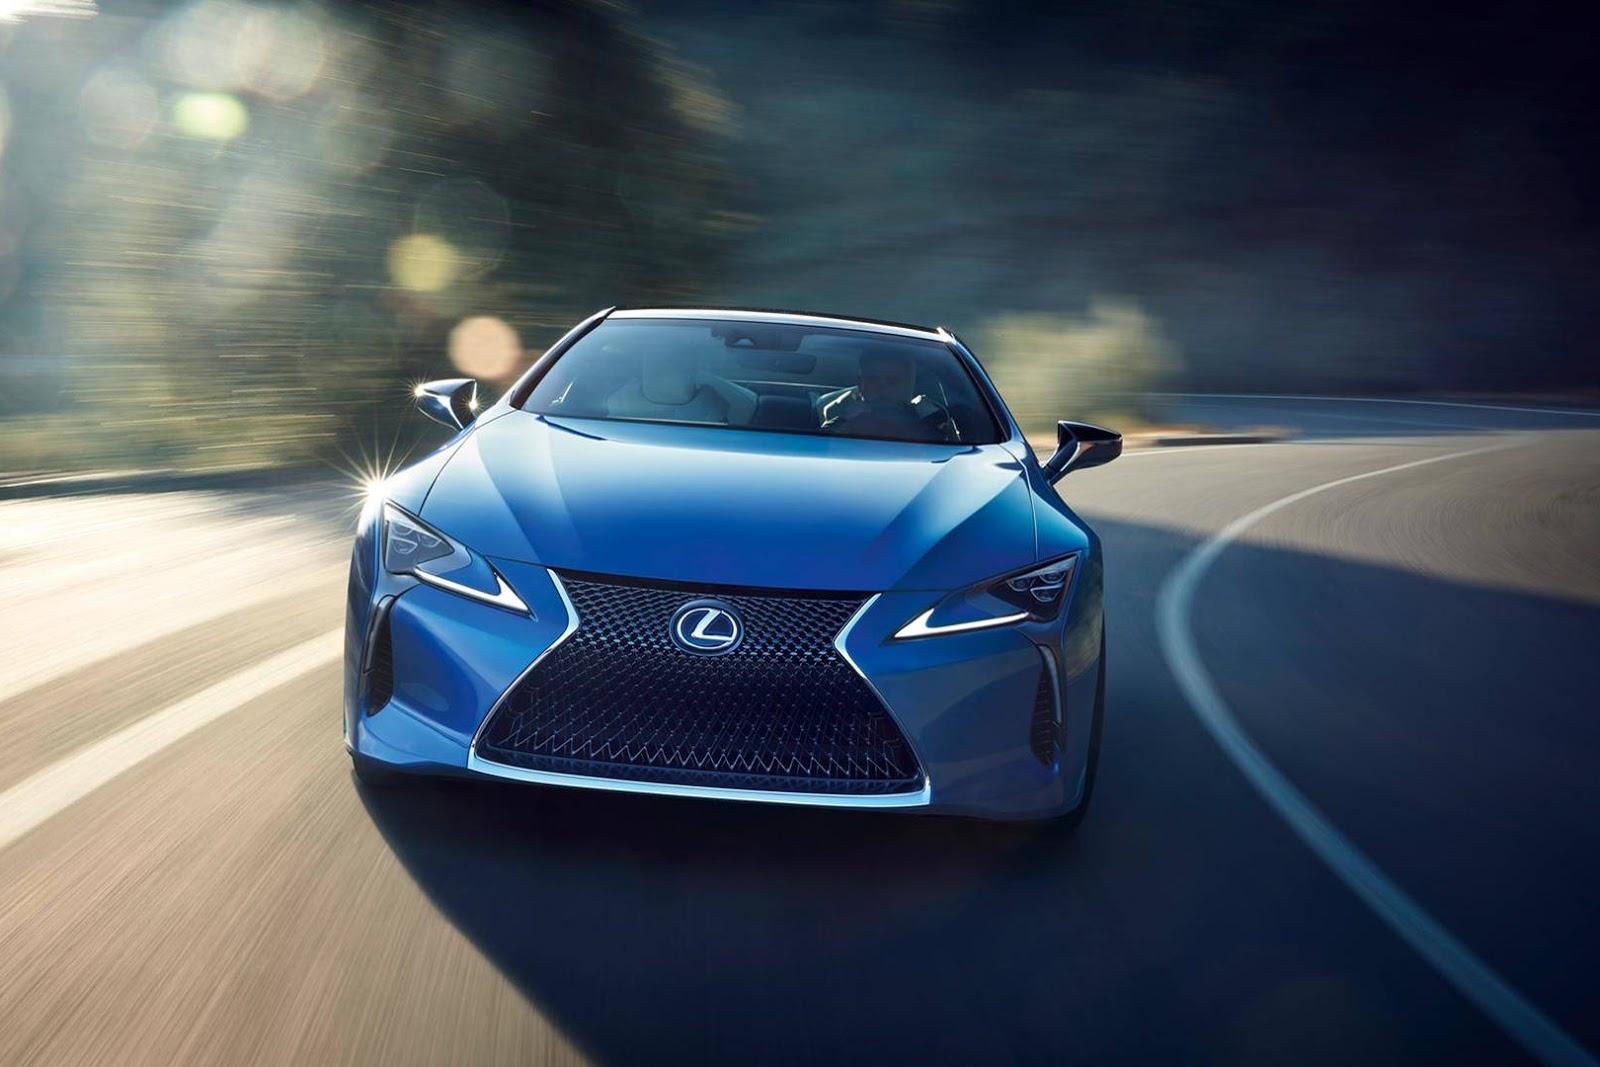 牛棚熱身中!Lexus敞篷LC可能還要2年才現身 LC F研議中   SanjiNoir 黑侍樂讀 